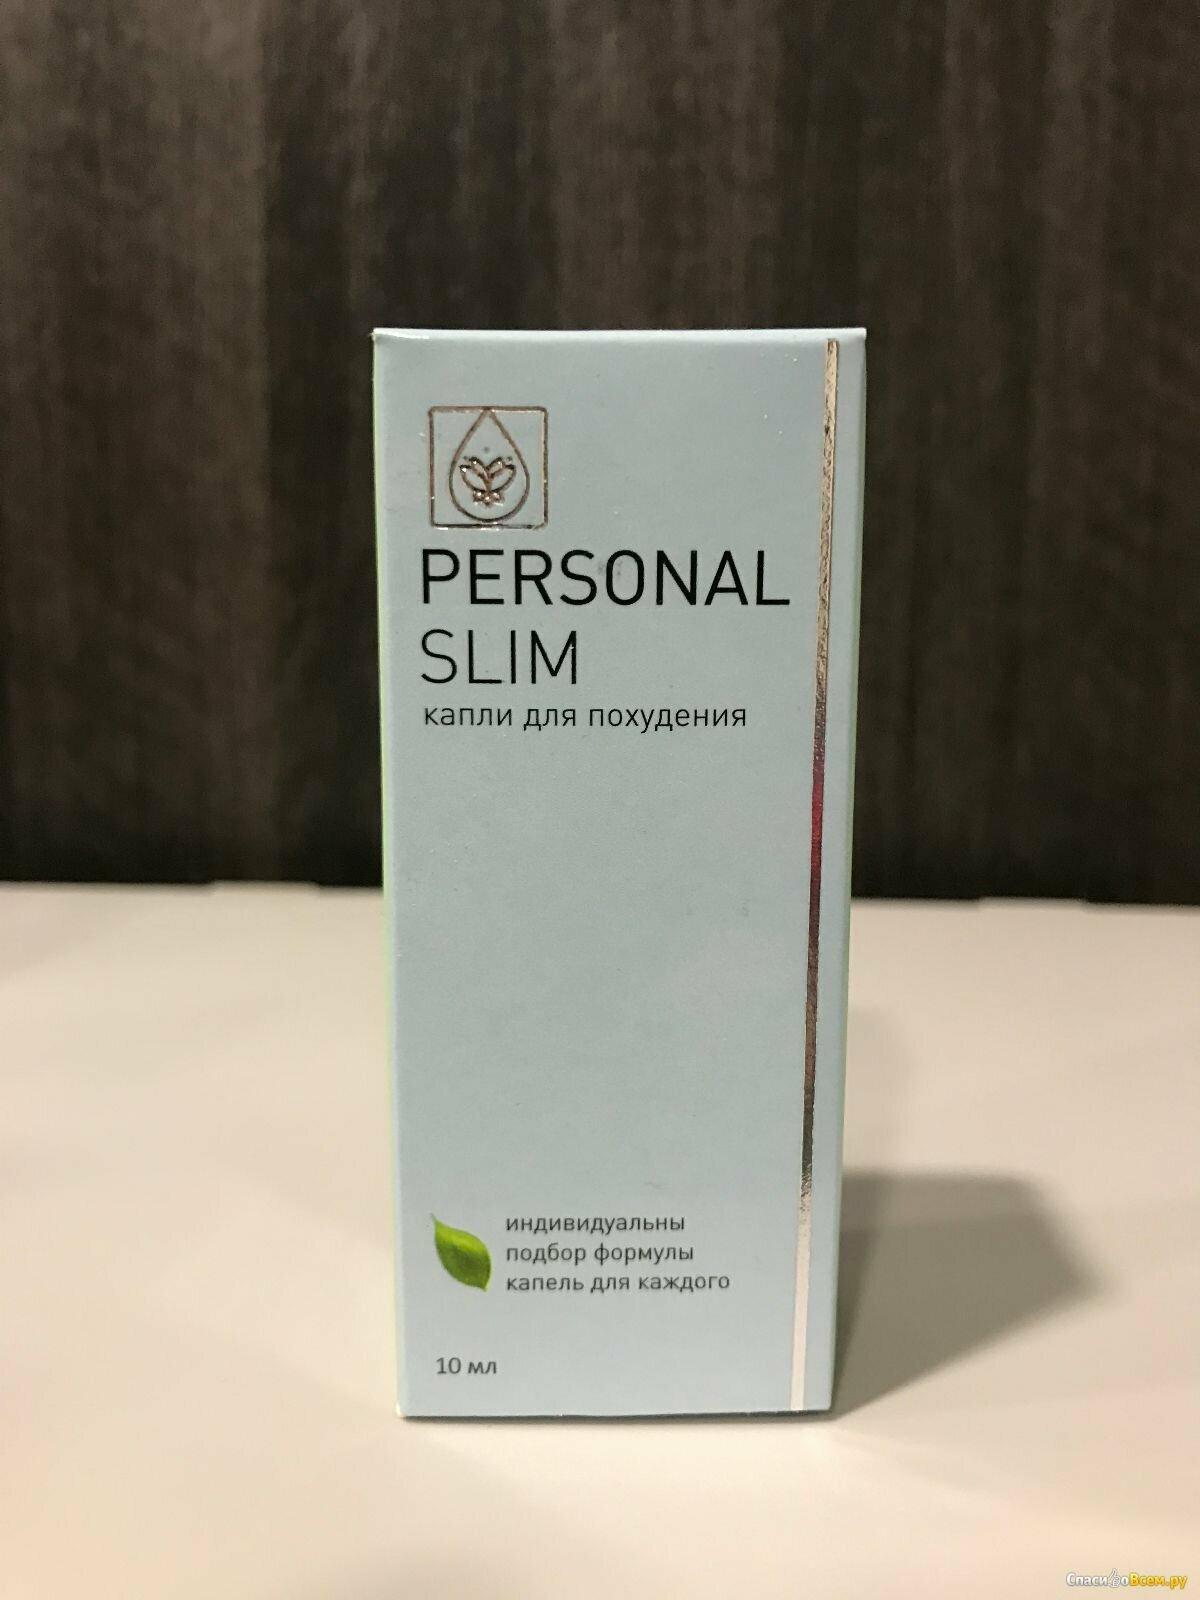 Personal Slim для похудения в Рыбинске